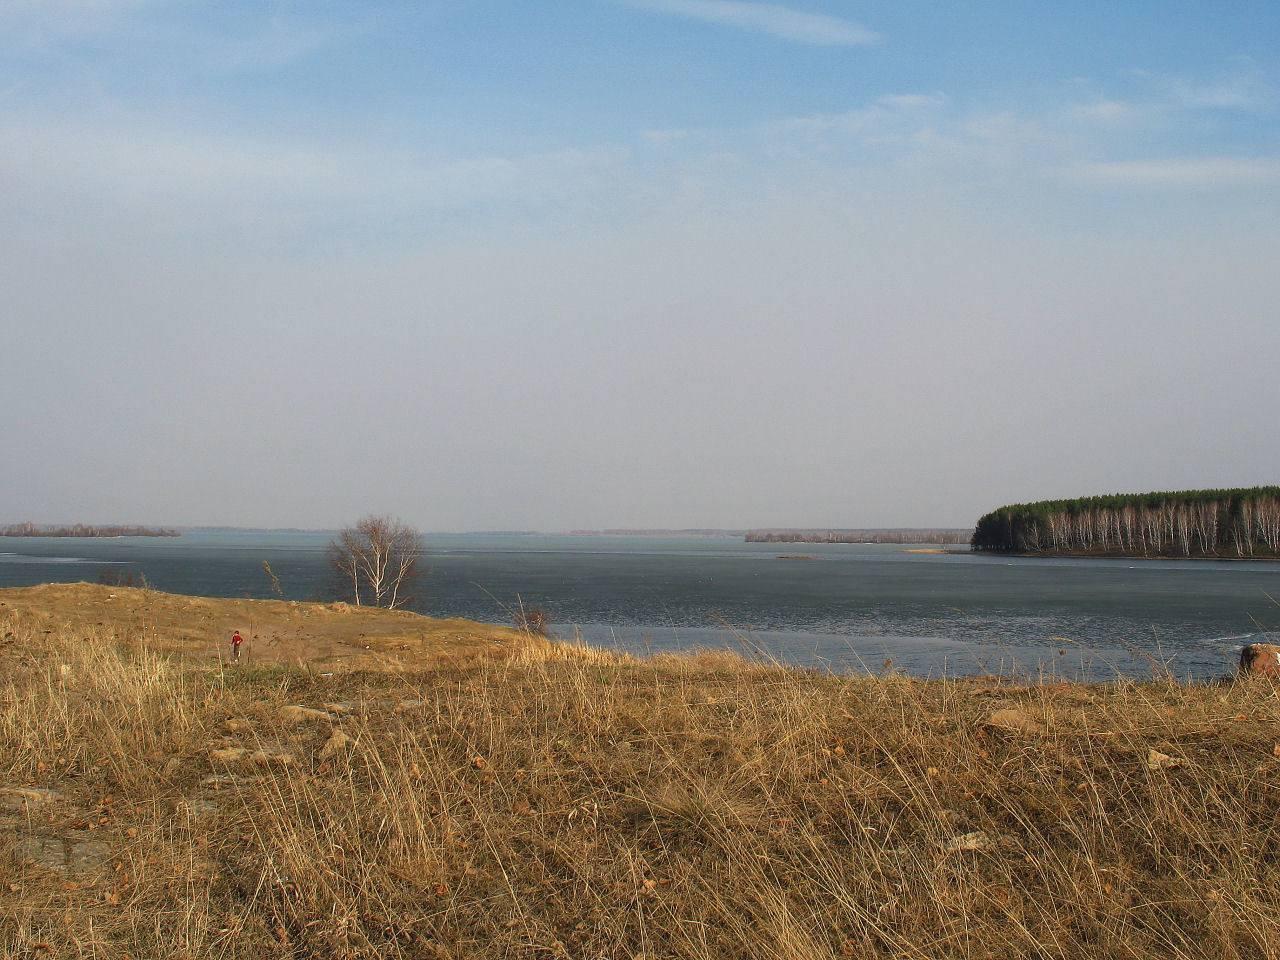 Озеро тишки в челябинской области. рыбалка 2020, отзывы, на карте, погода, ловля карпа, фото, как добраться – туристер. ру